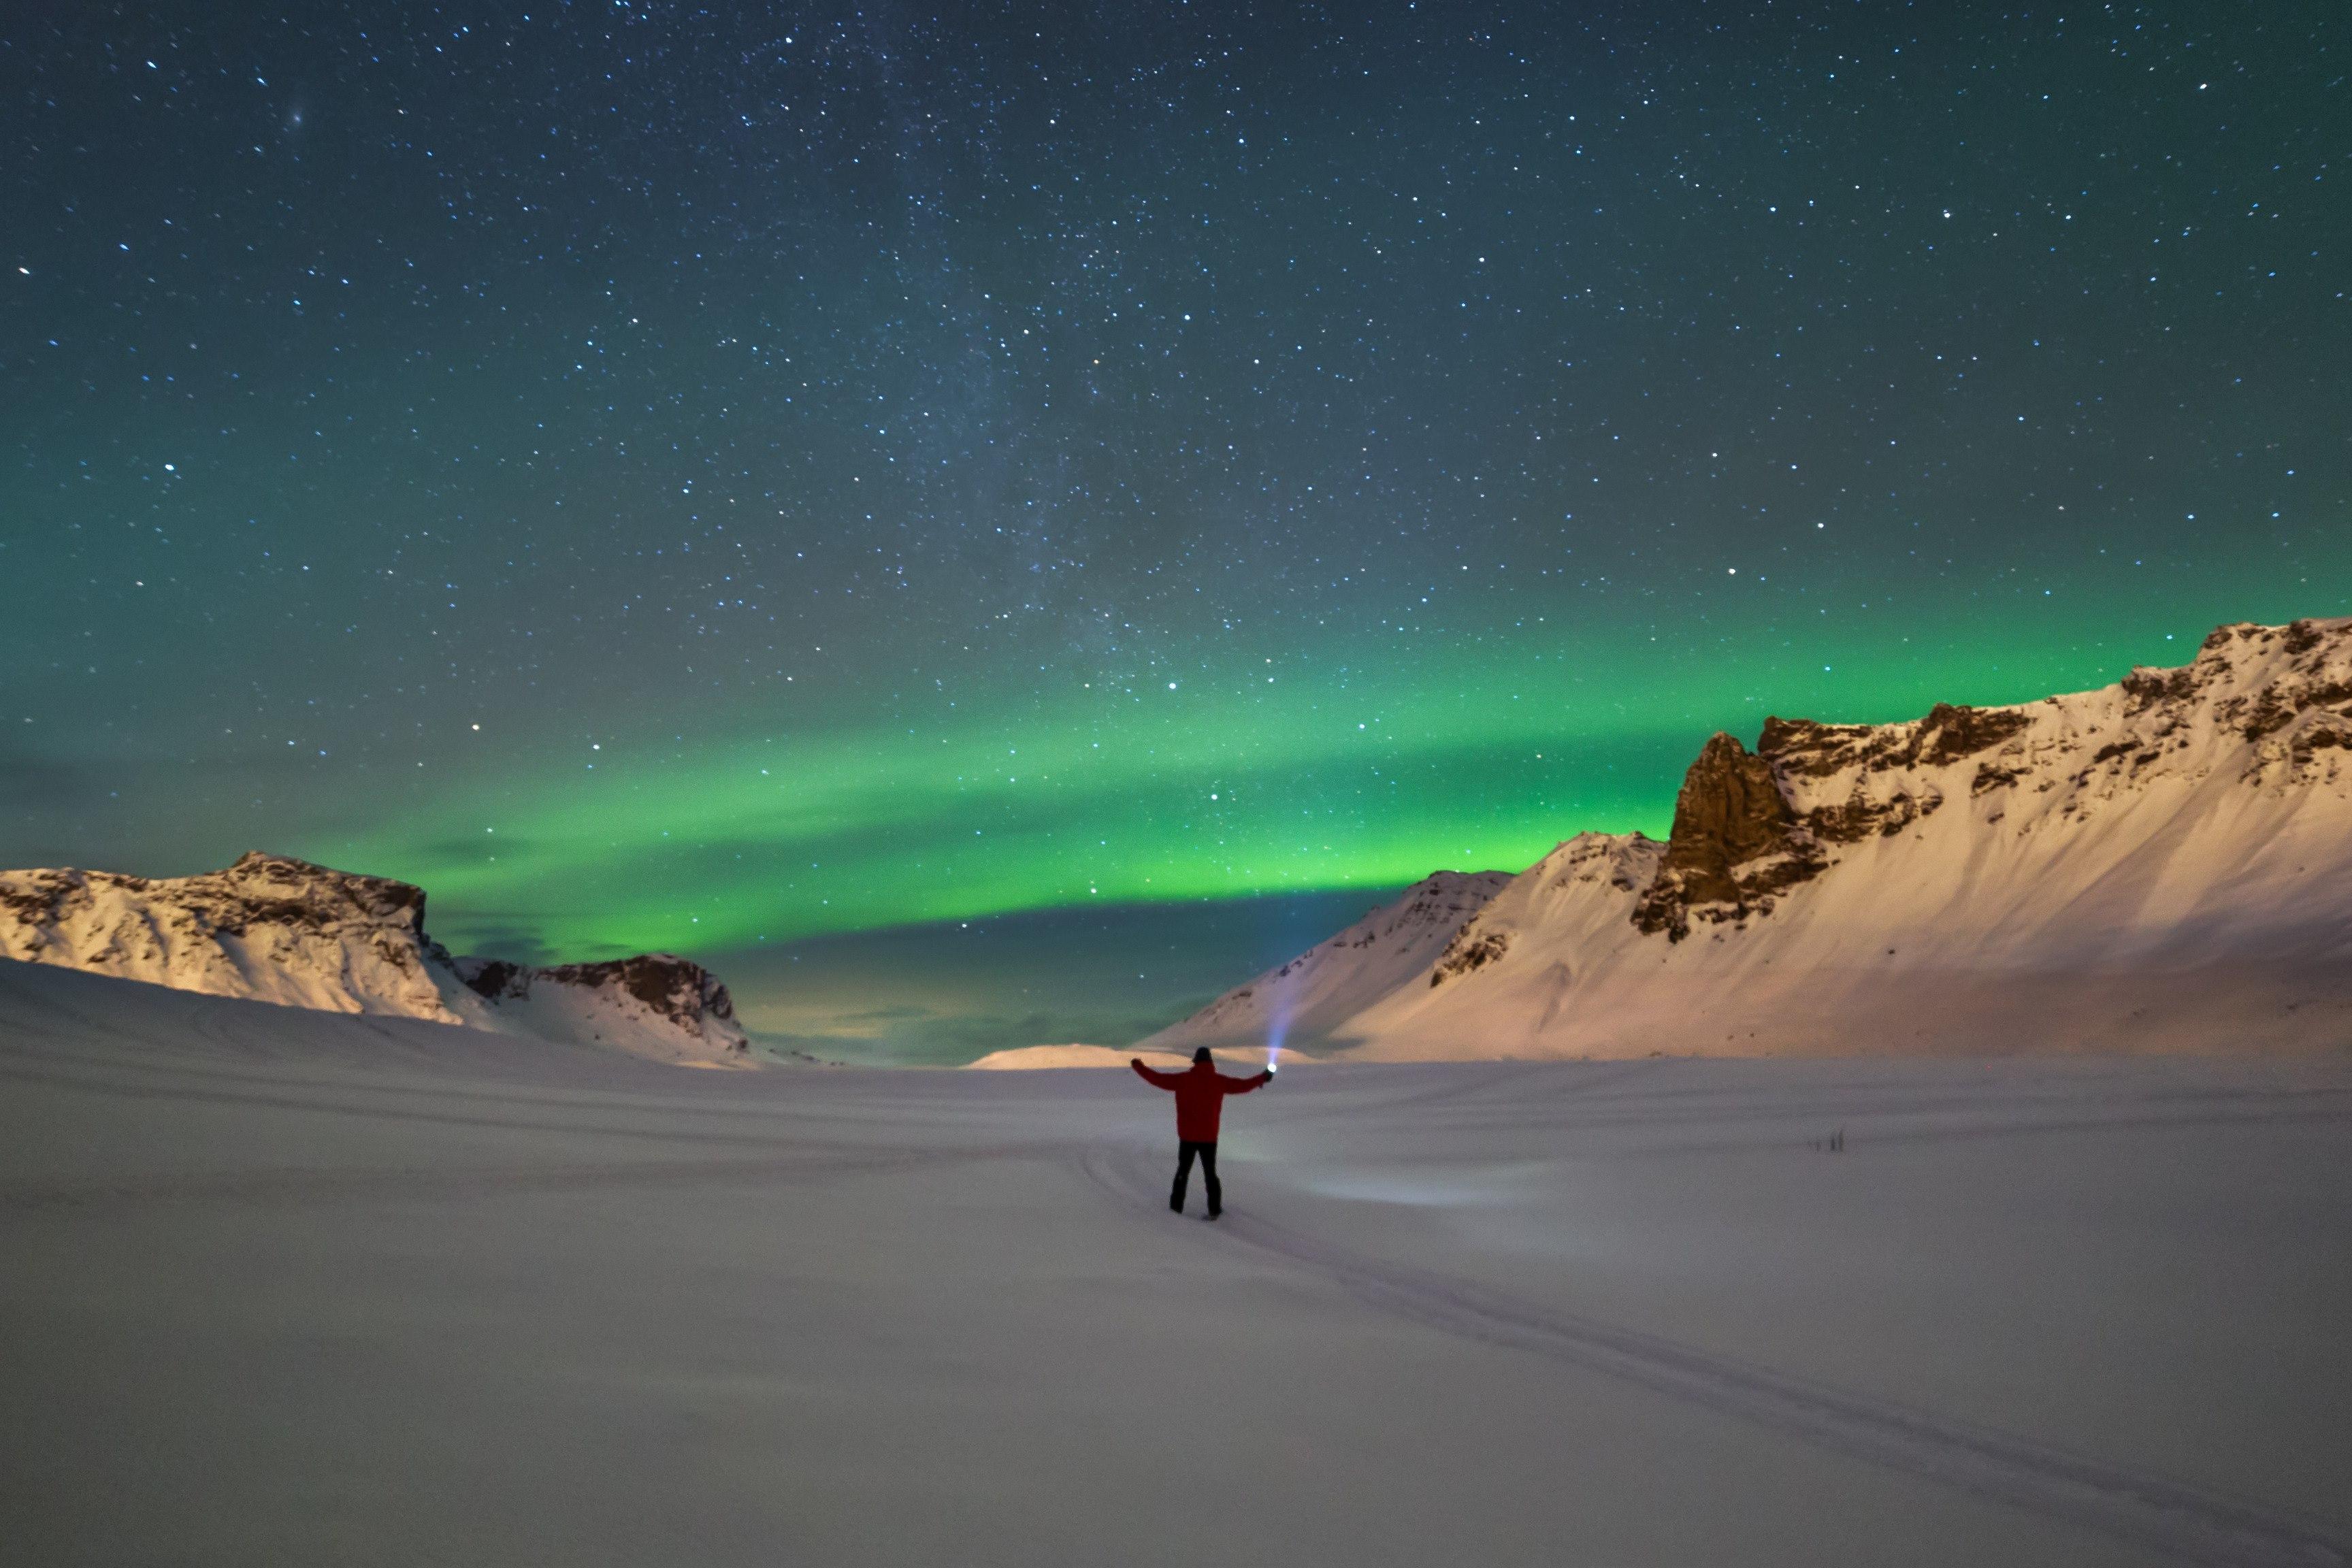 Iceland Aurora Borealis Group Tour Book Iceland Tours